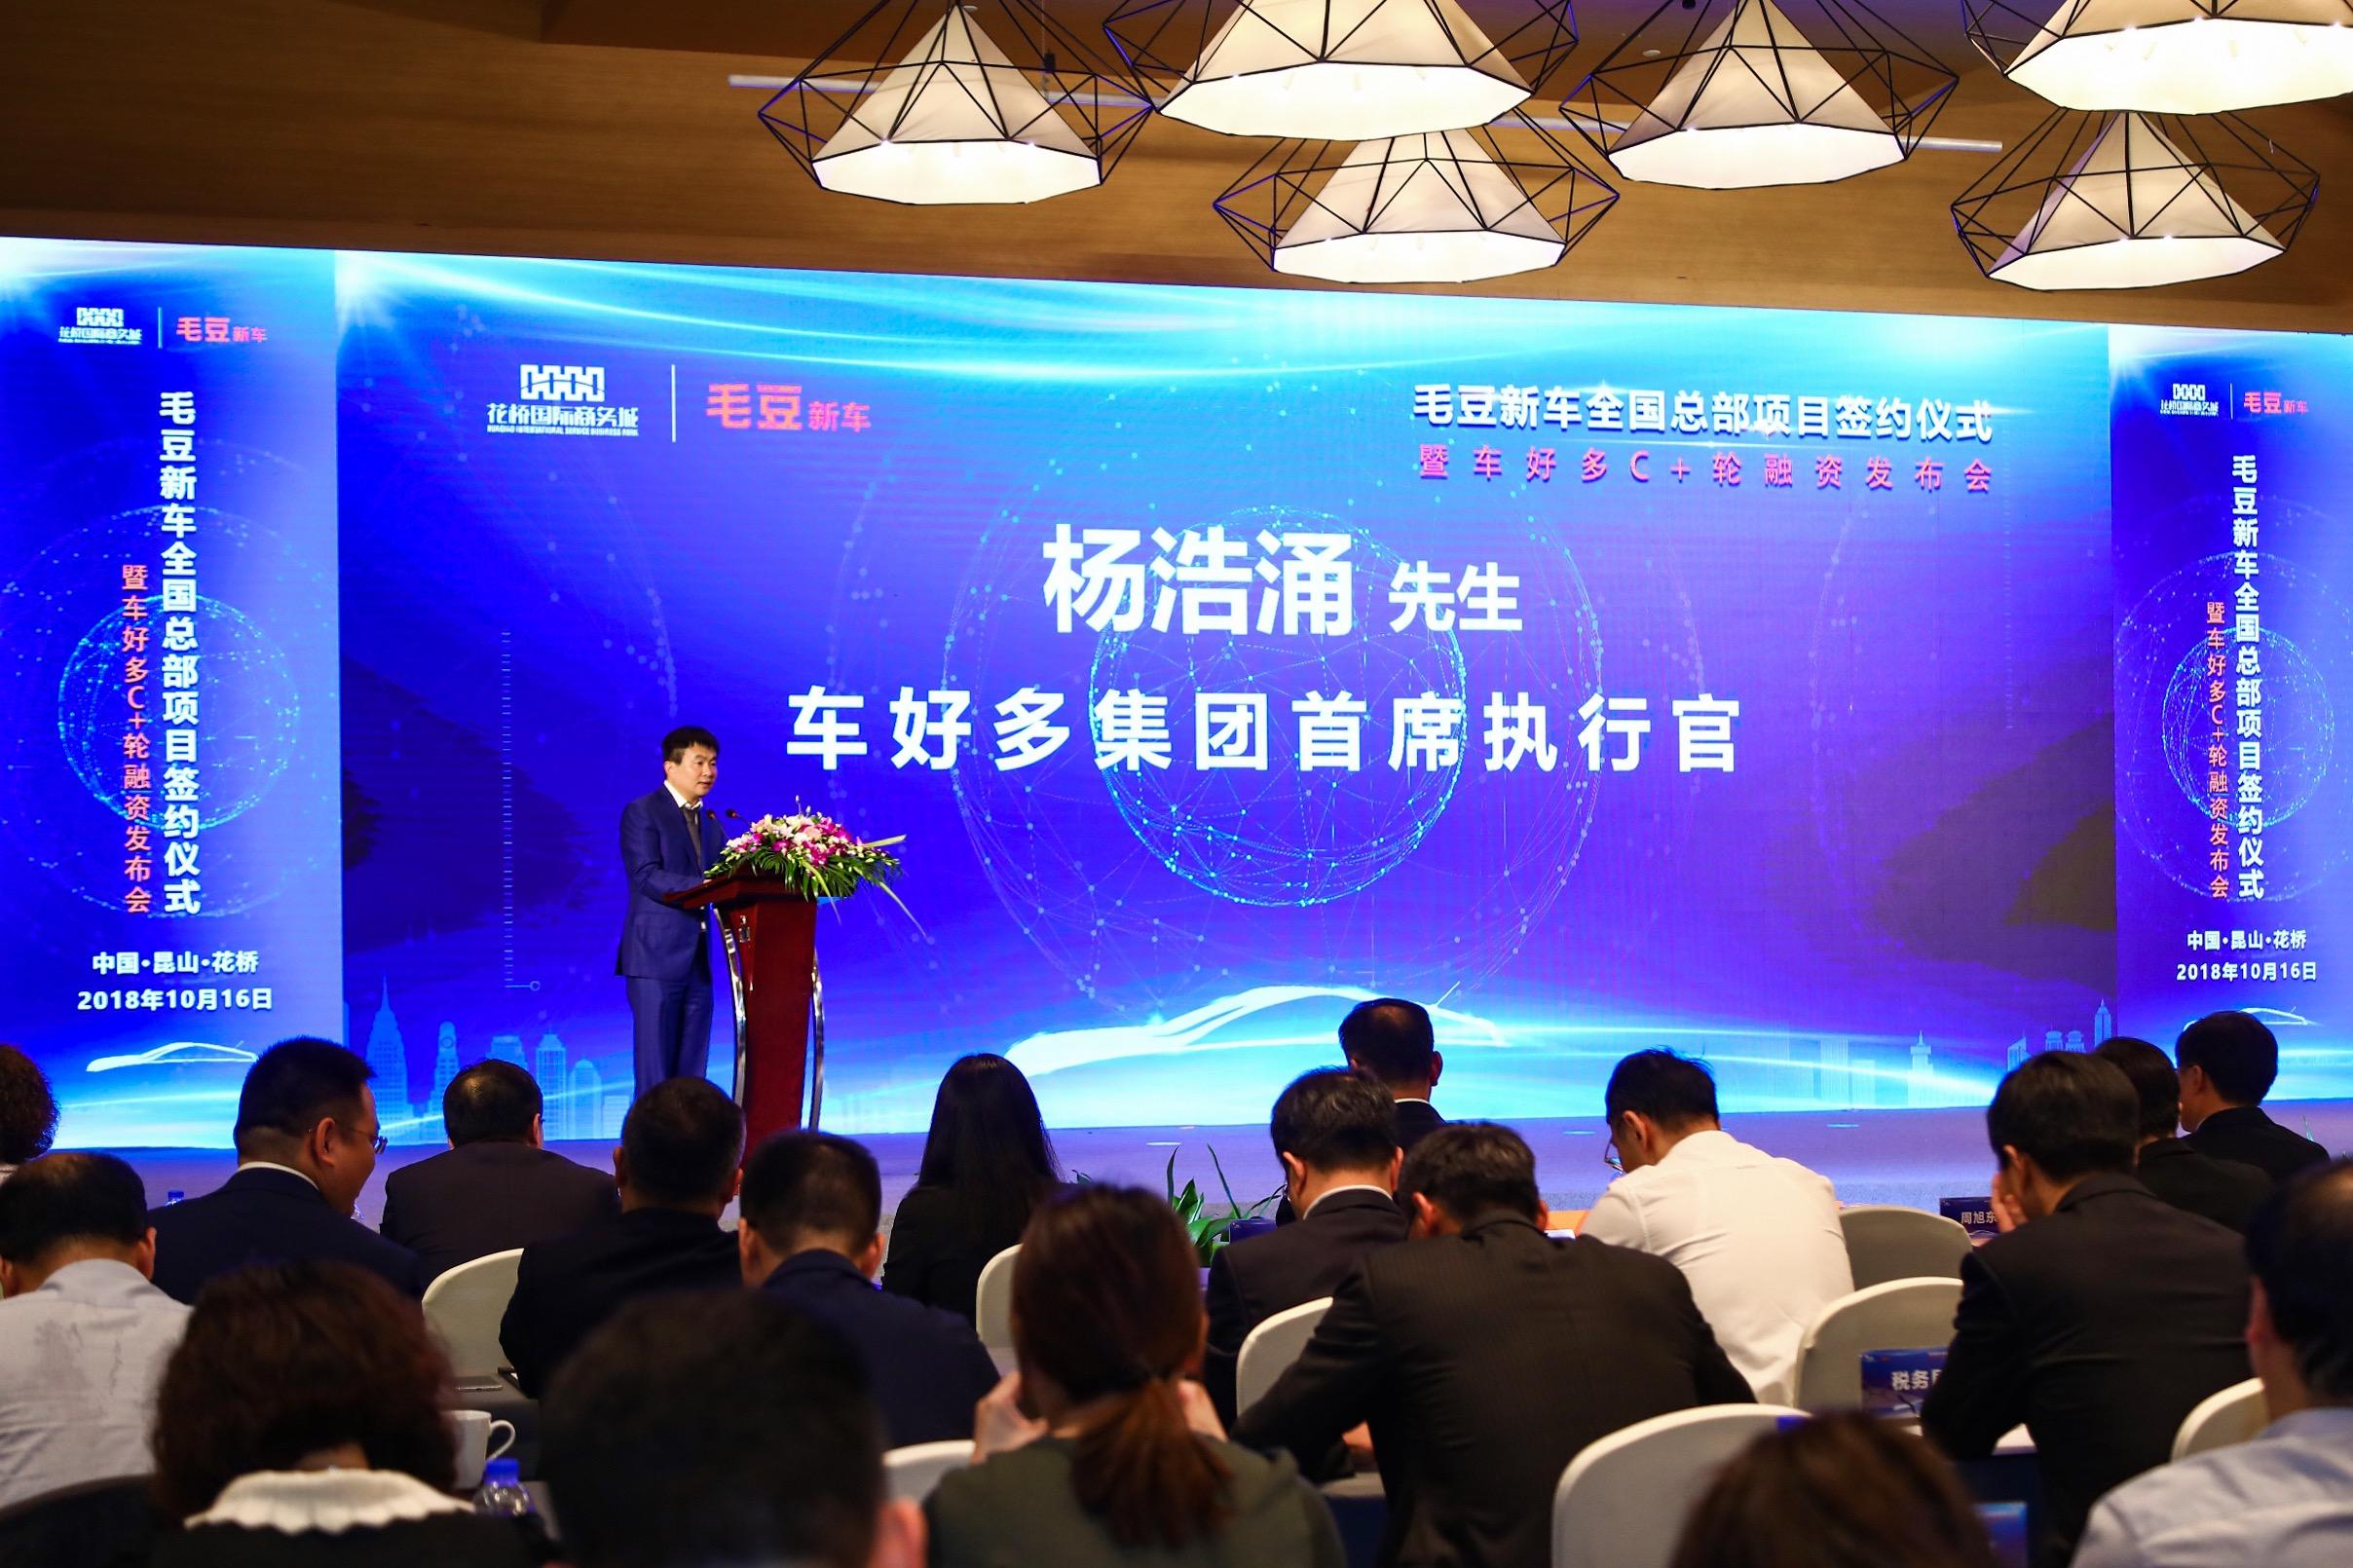 毛豆新车总部落地昆山 获30亿政府资金支持